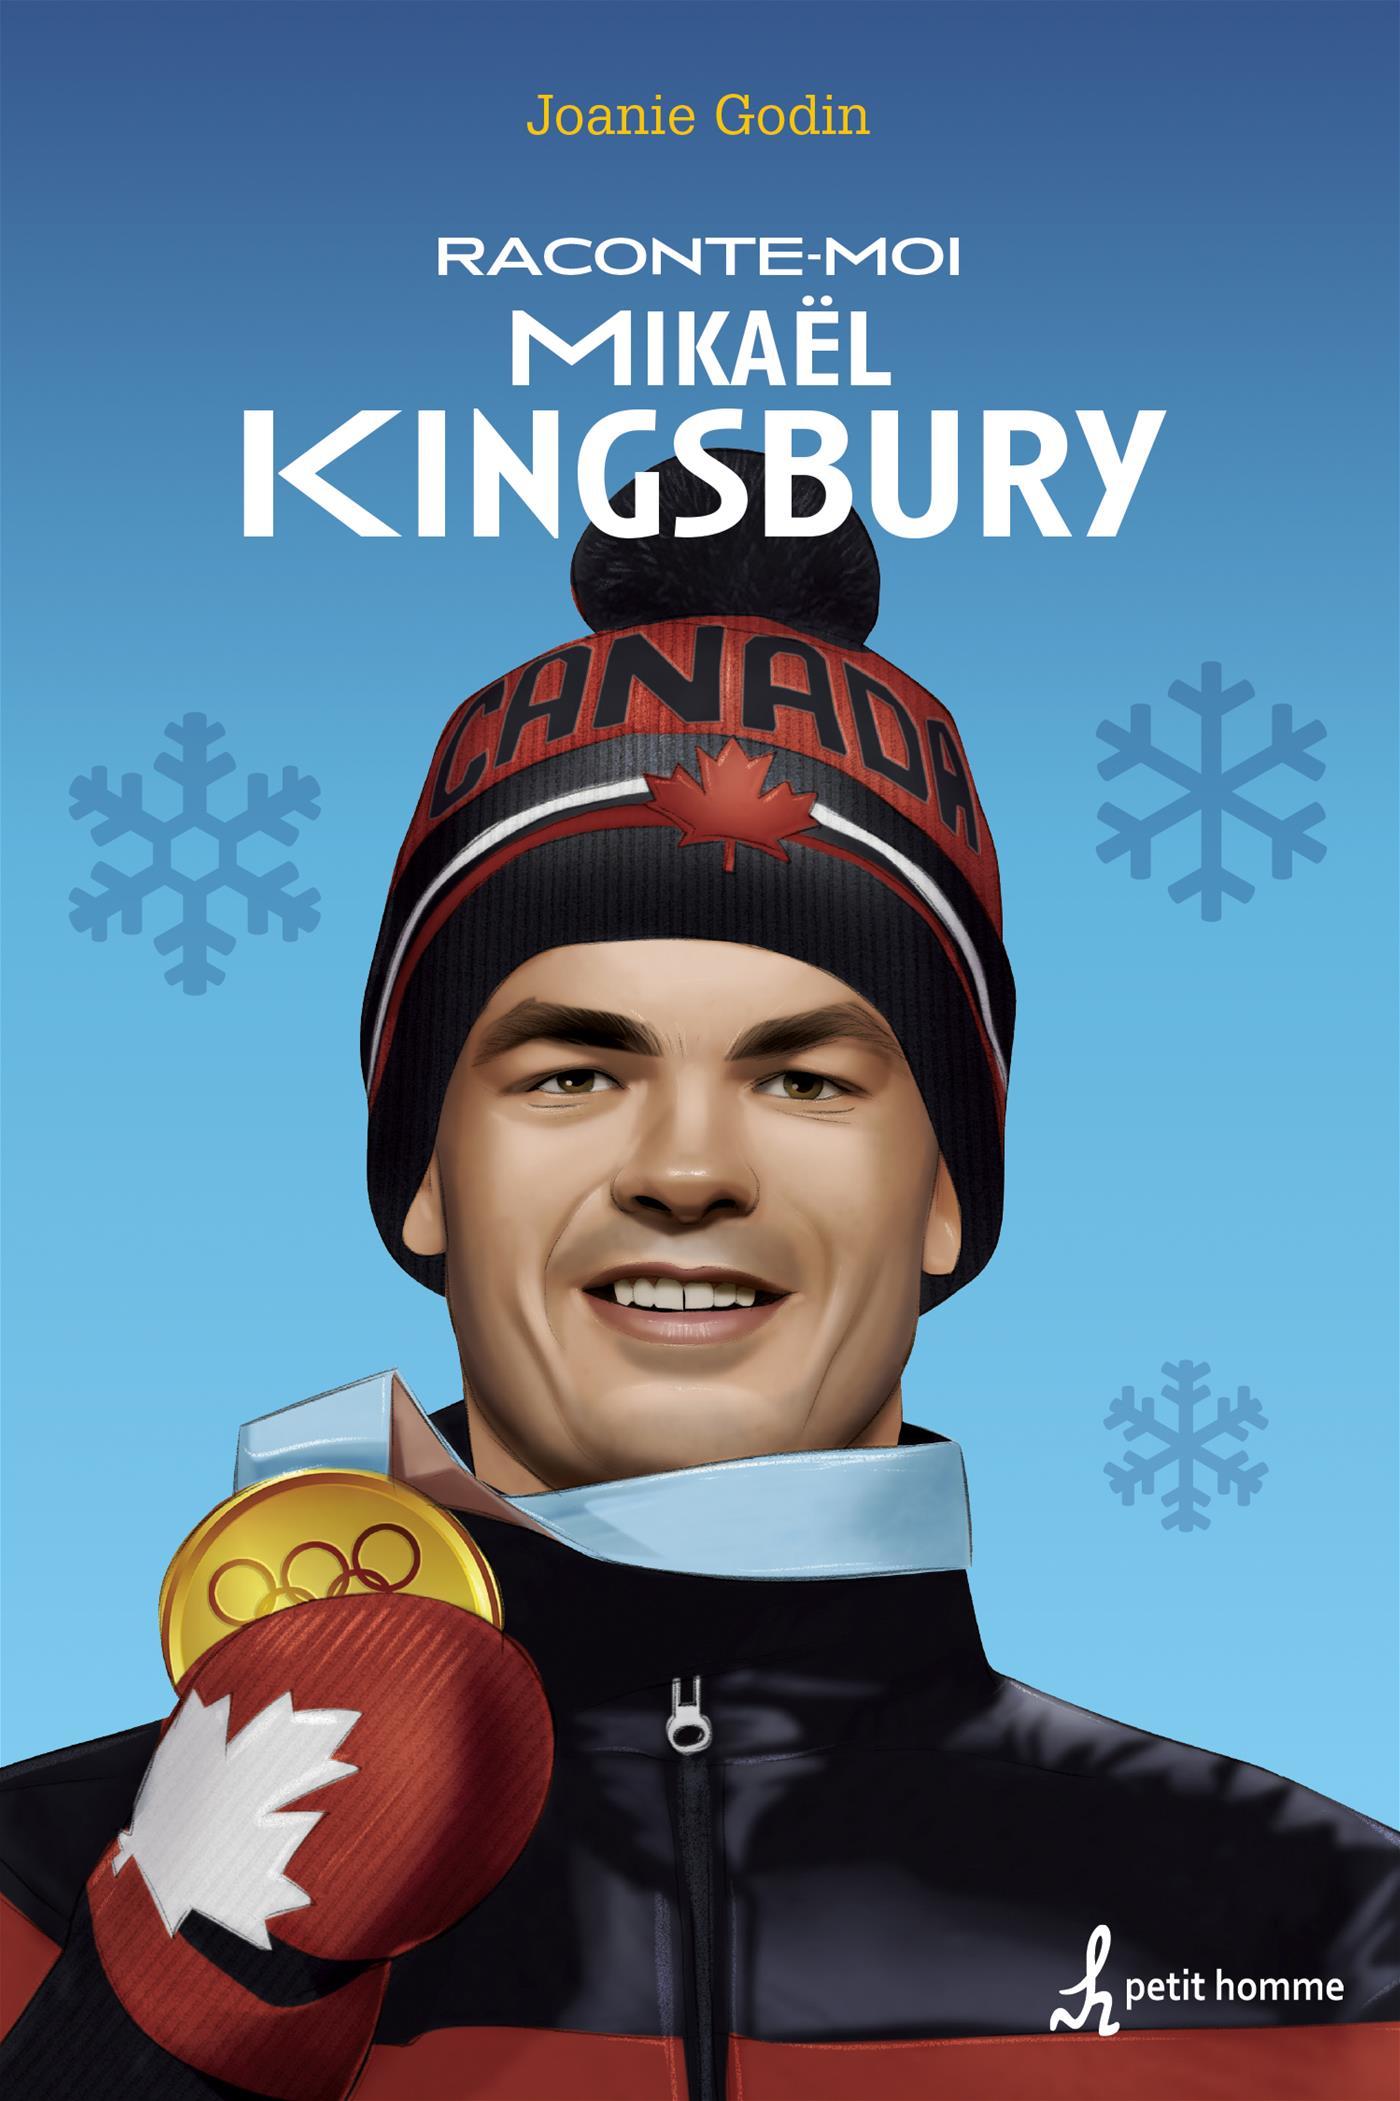 Raconte-moi Mikaël Kingsbury  - Nº 46